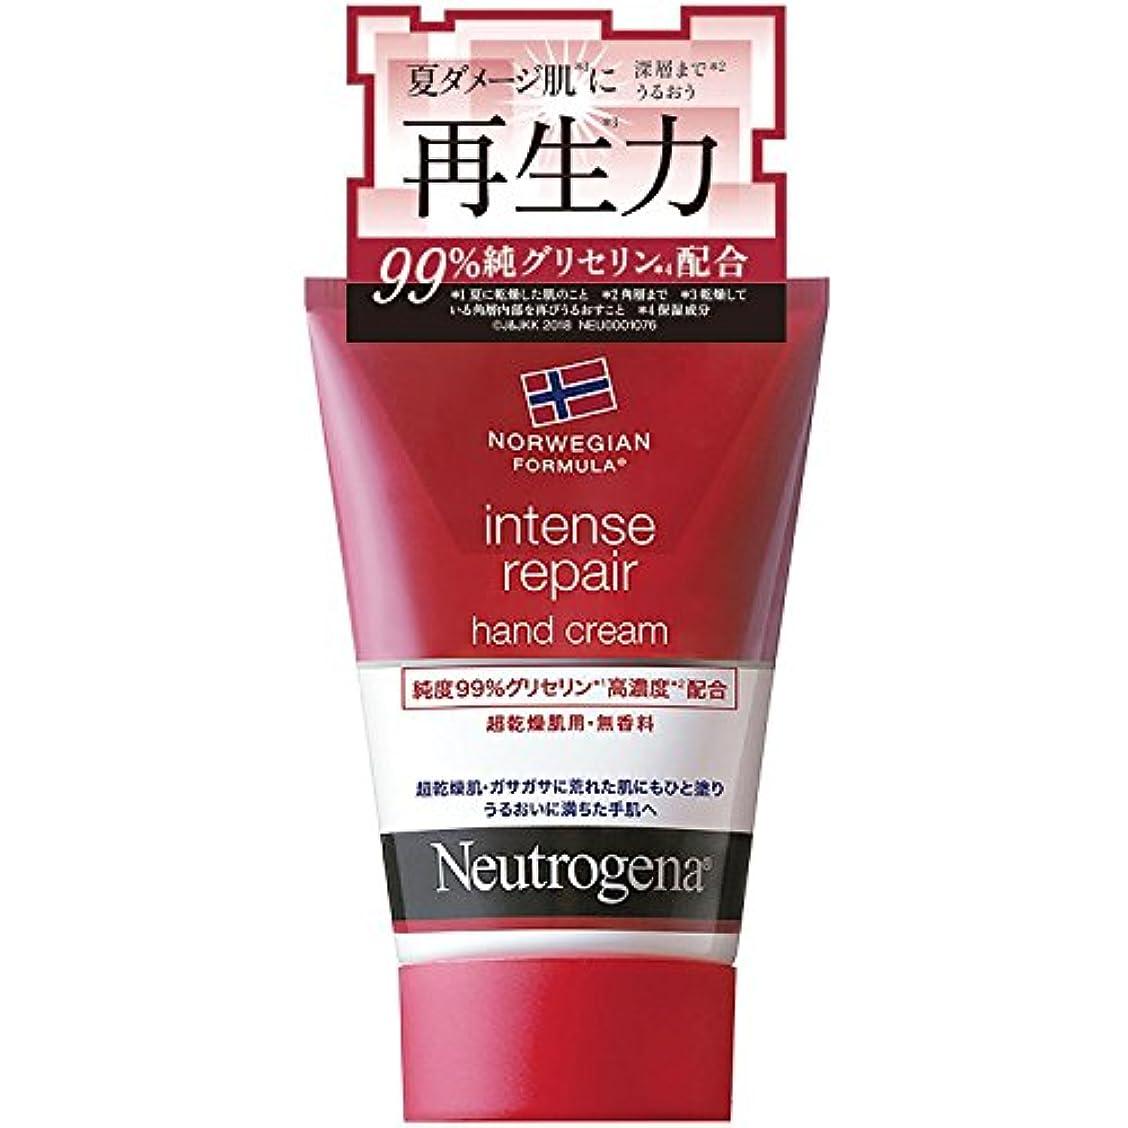 吸収汚染された静けさNeutrogena(ニュートロジーナ) ノルウェーフォーミュラ インテンスリペア ハンドクリーム 超乾燥肌用 無香料 単品 50g